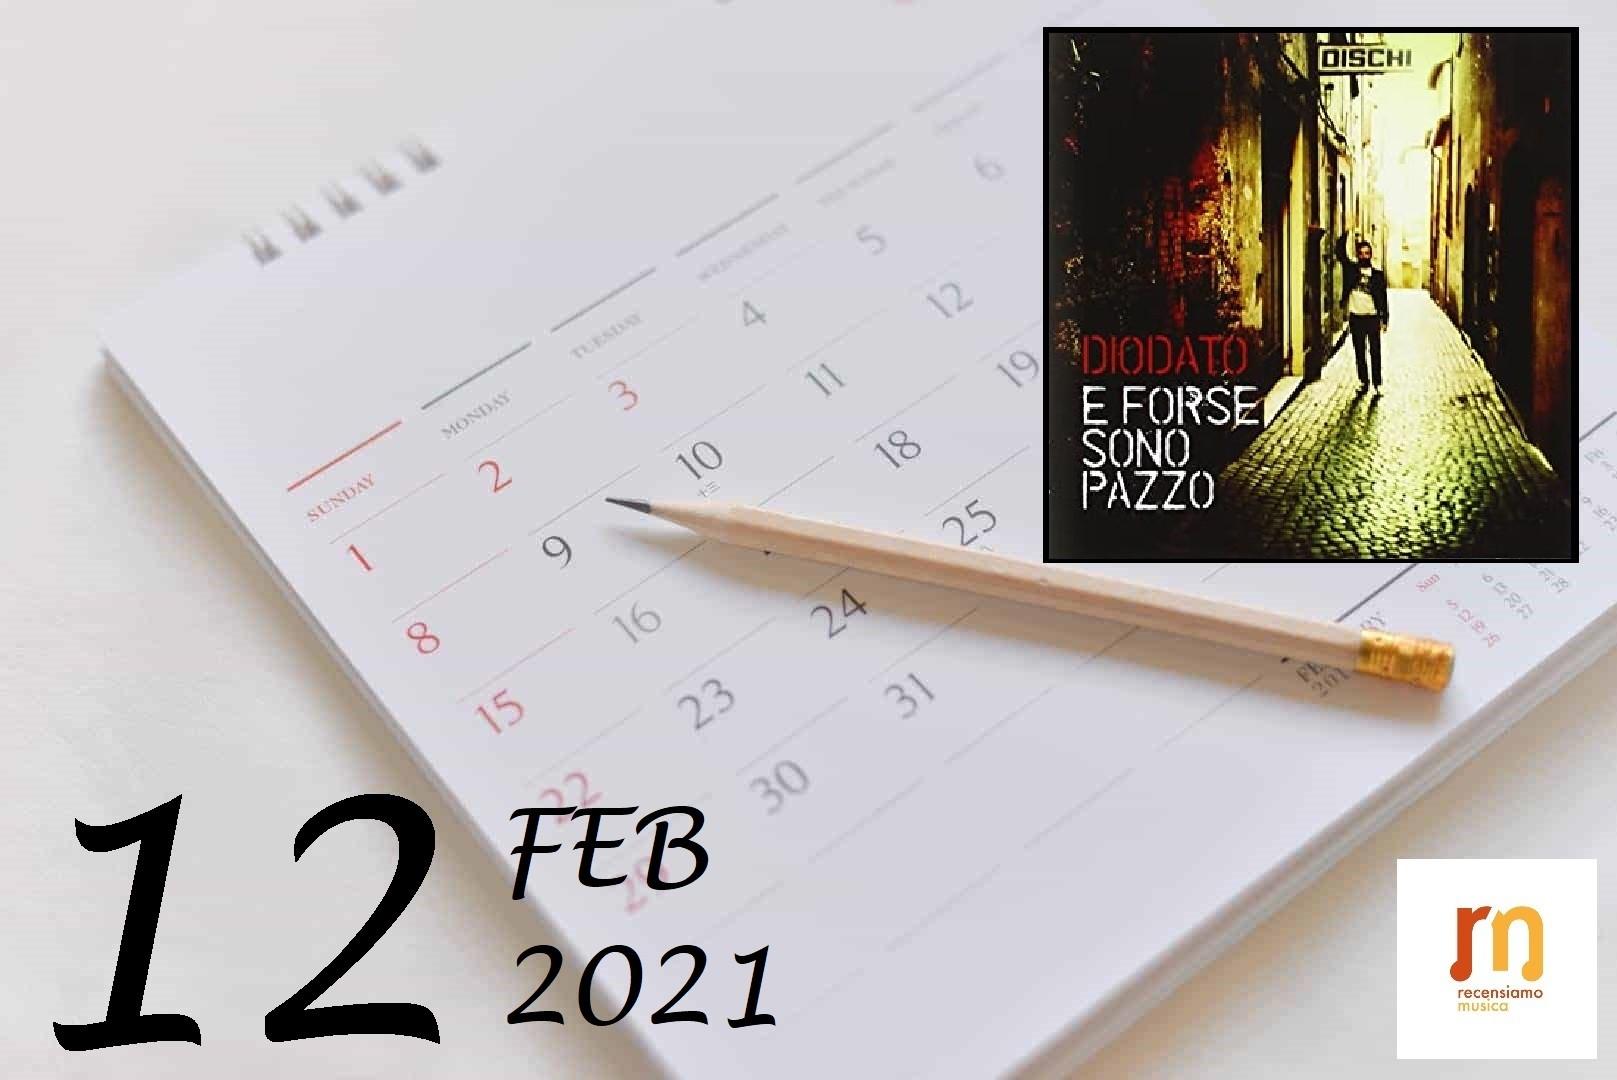 12 febbraio